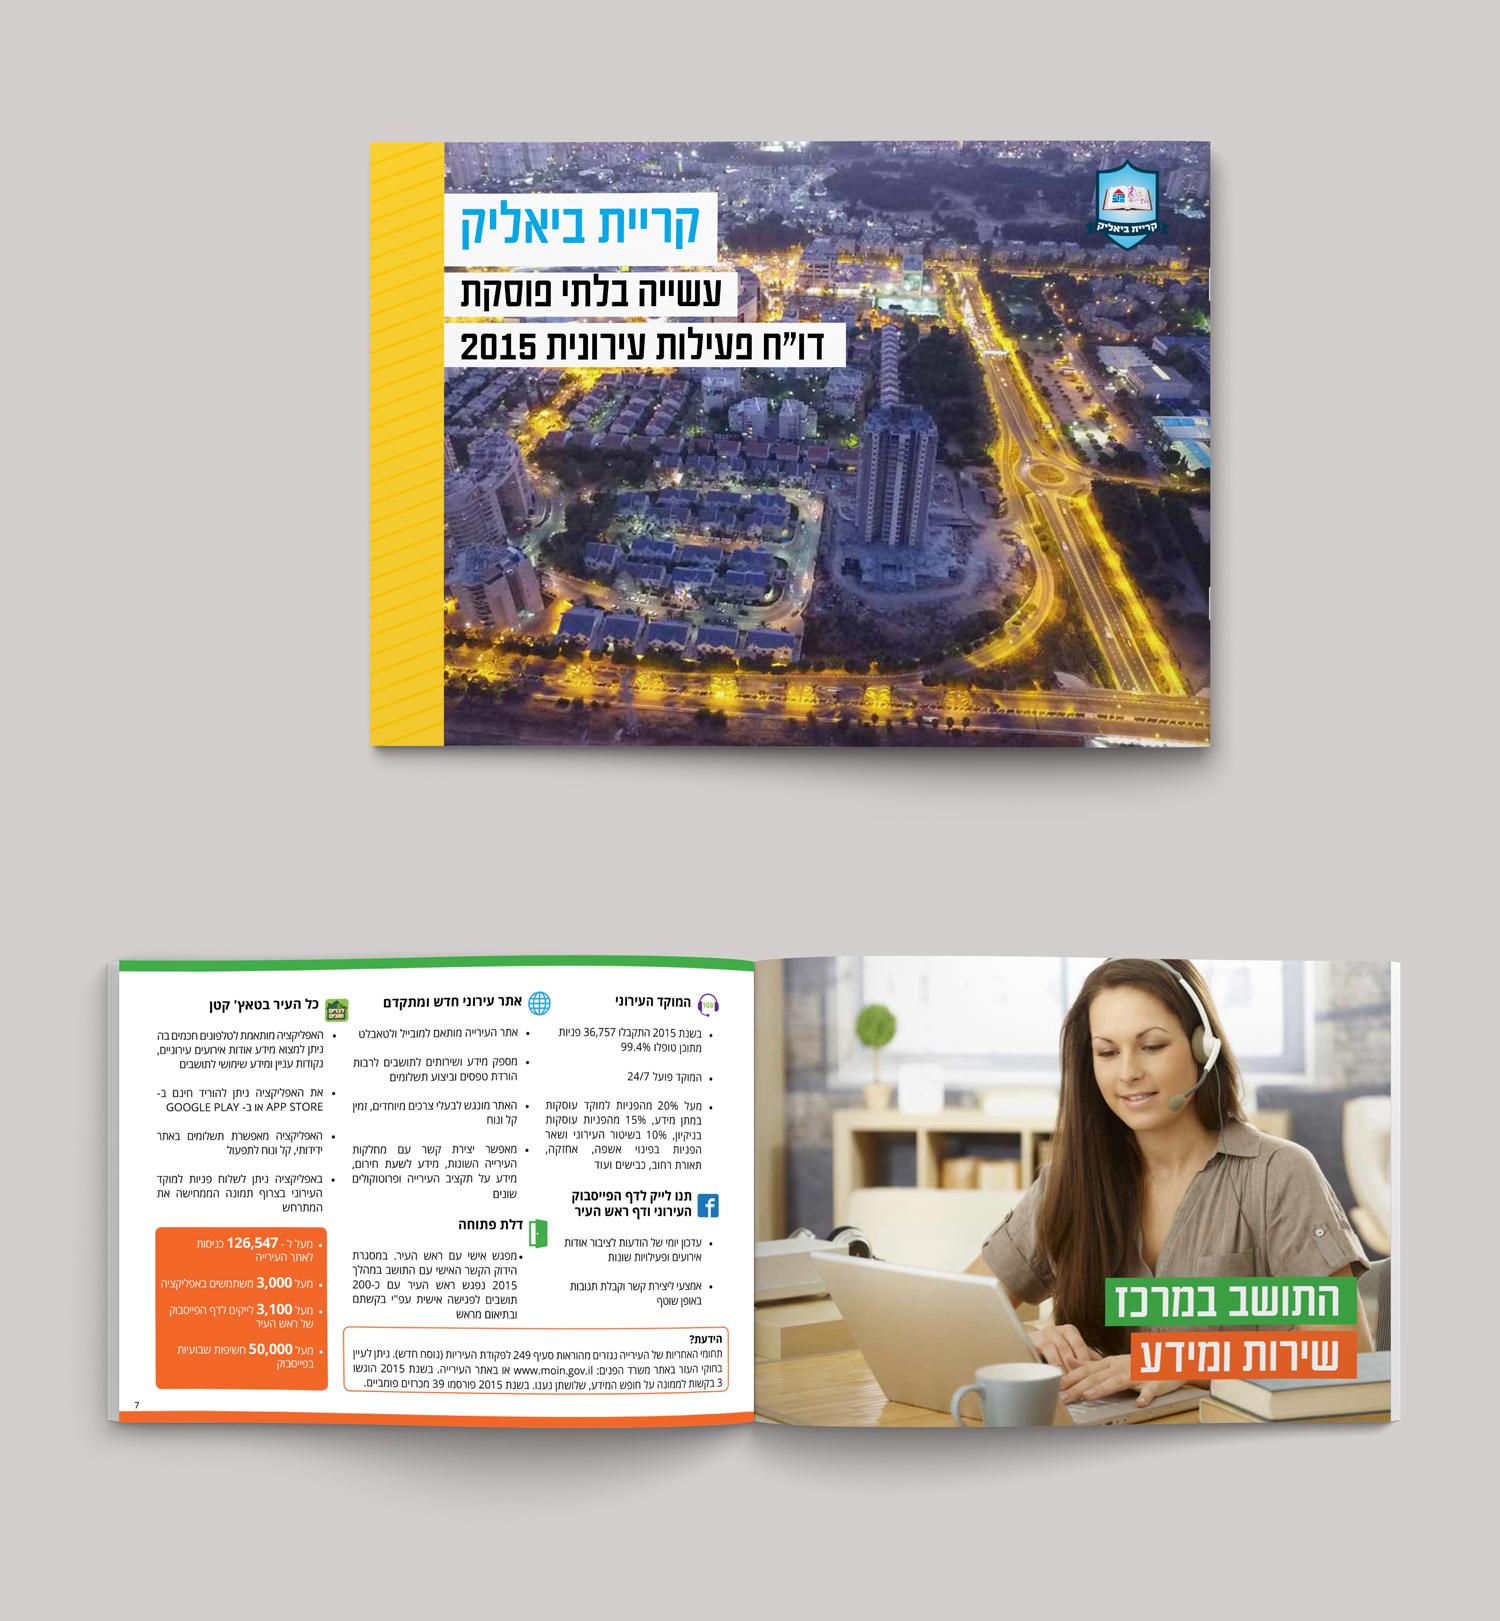 עיצוב חוברת דוח לתושב 2015 עבור עיריית קרית ביאליק